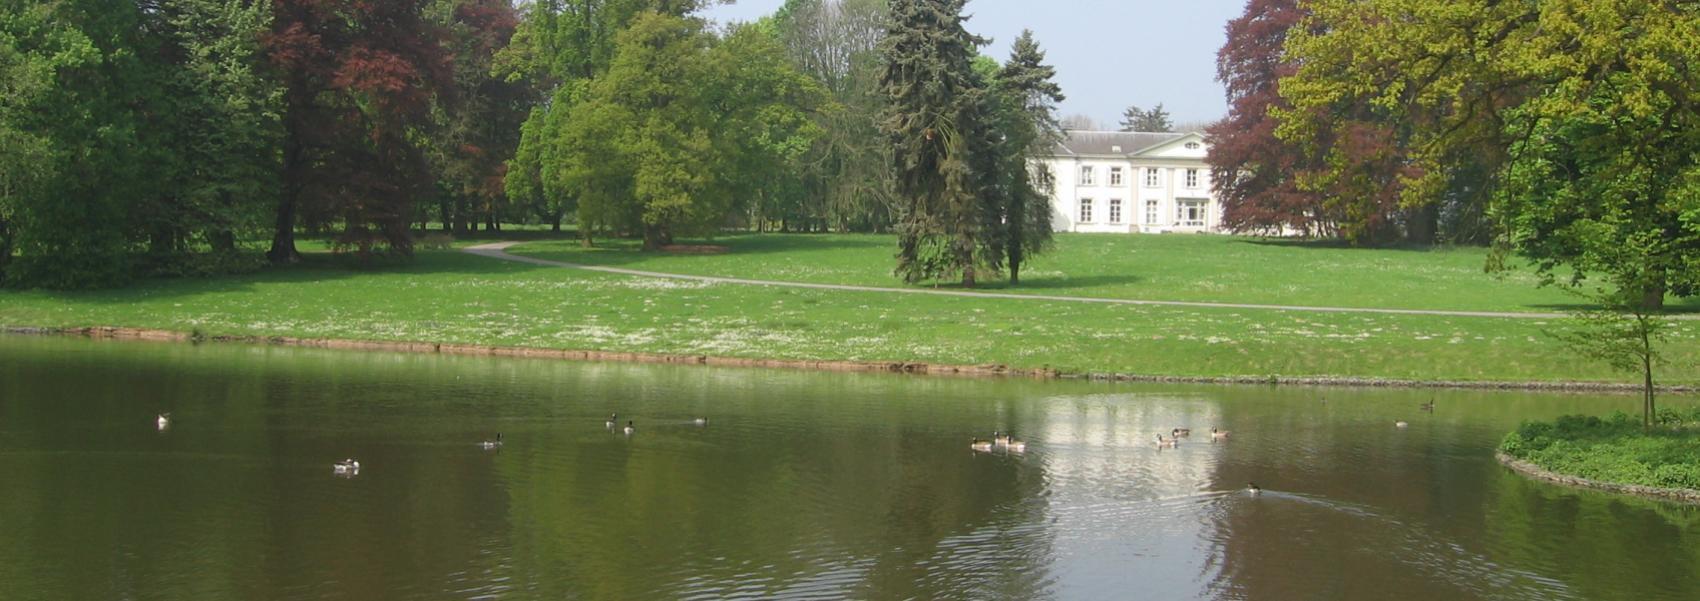 zicht op het water met op de achtergrond het kasteel